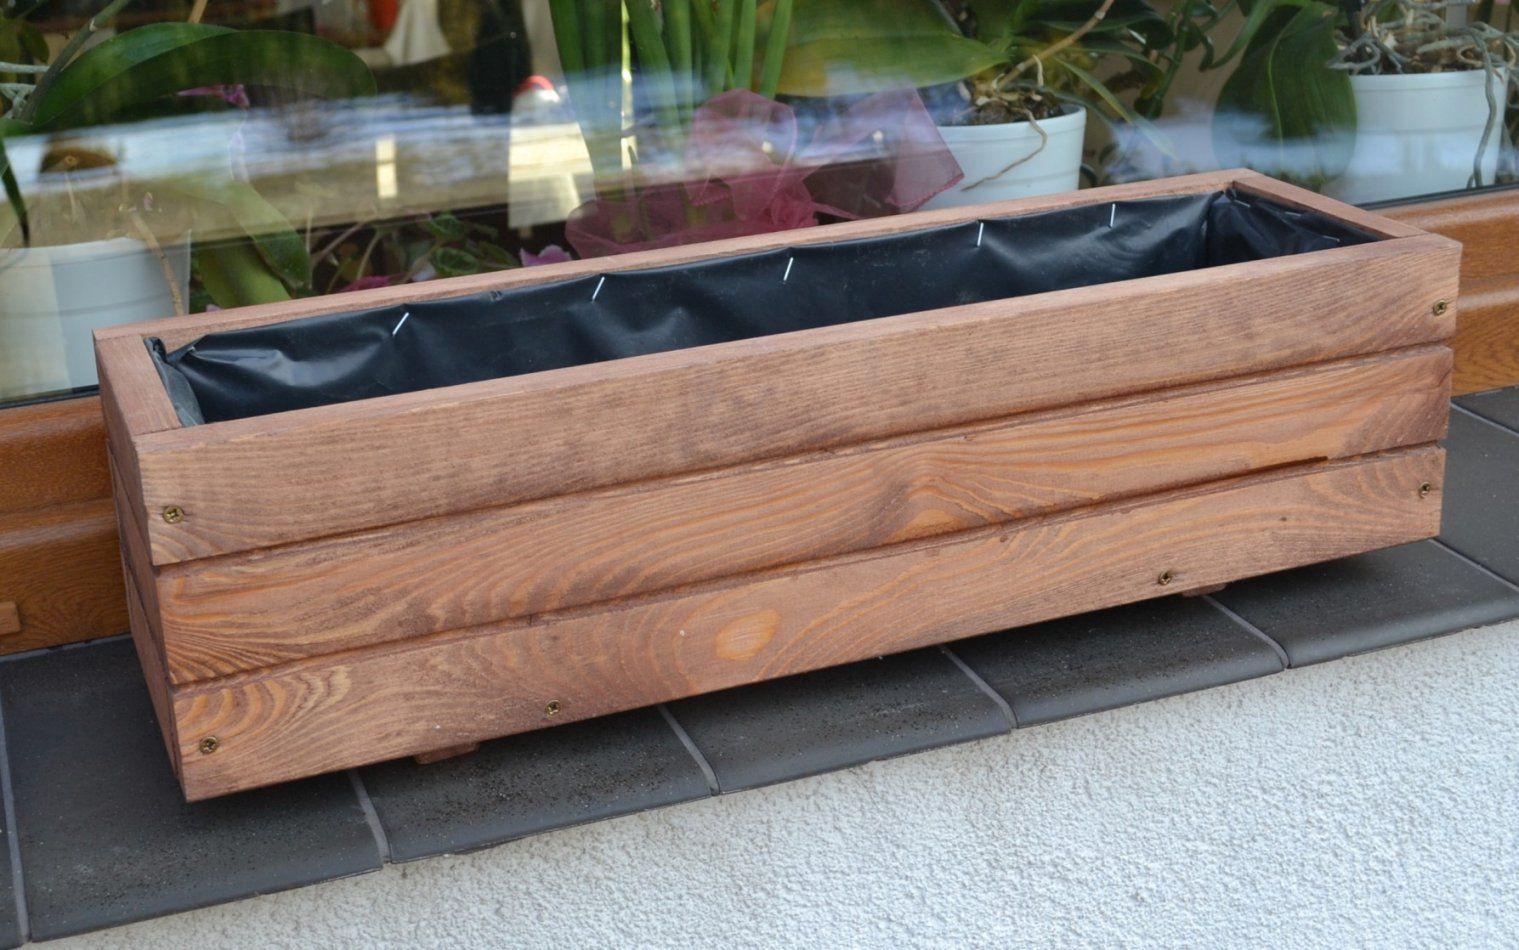 Pflanzkübel Holz D2 Pflanzkasten 80 100 Cm Xxl Blumenkasten Avec von Blumenkübel Holz Selber Bauen Bild